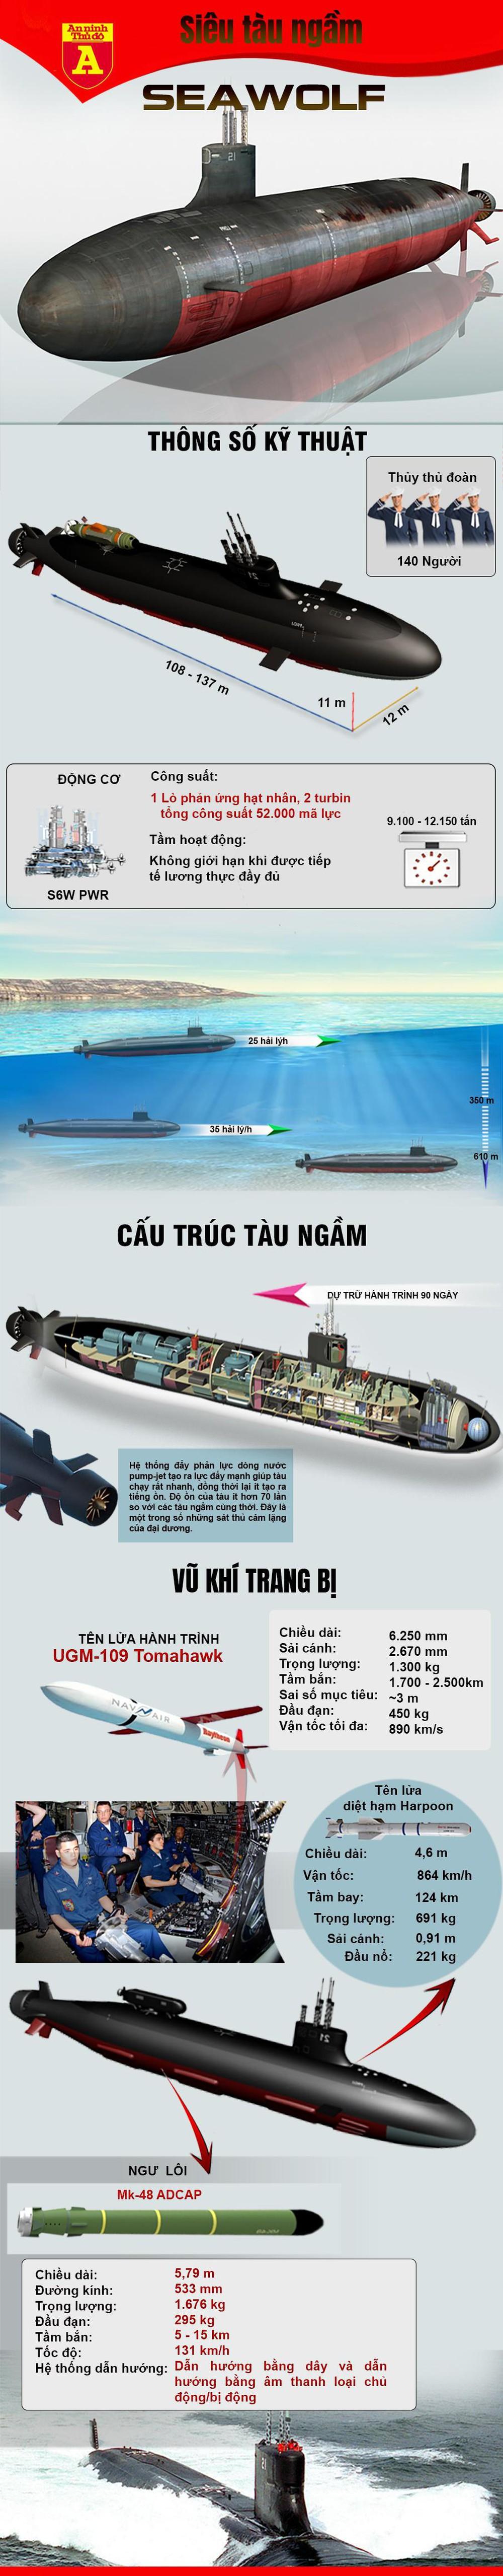 [Infographics] Siêu tàu ngầm của Mỹ  bị hư hại sau khi gặp sự cố trên Biển Đông - Ảnh 1